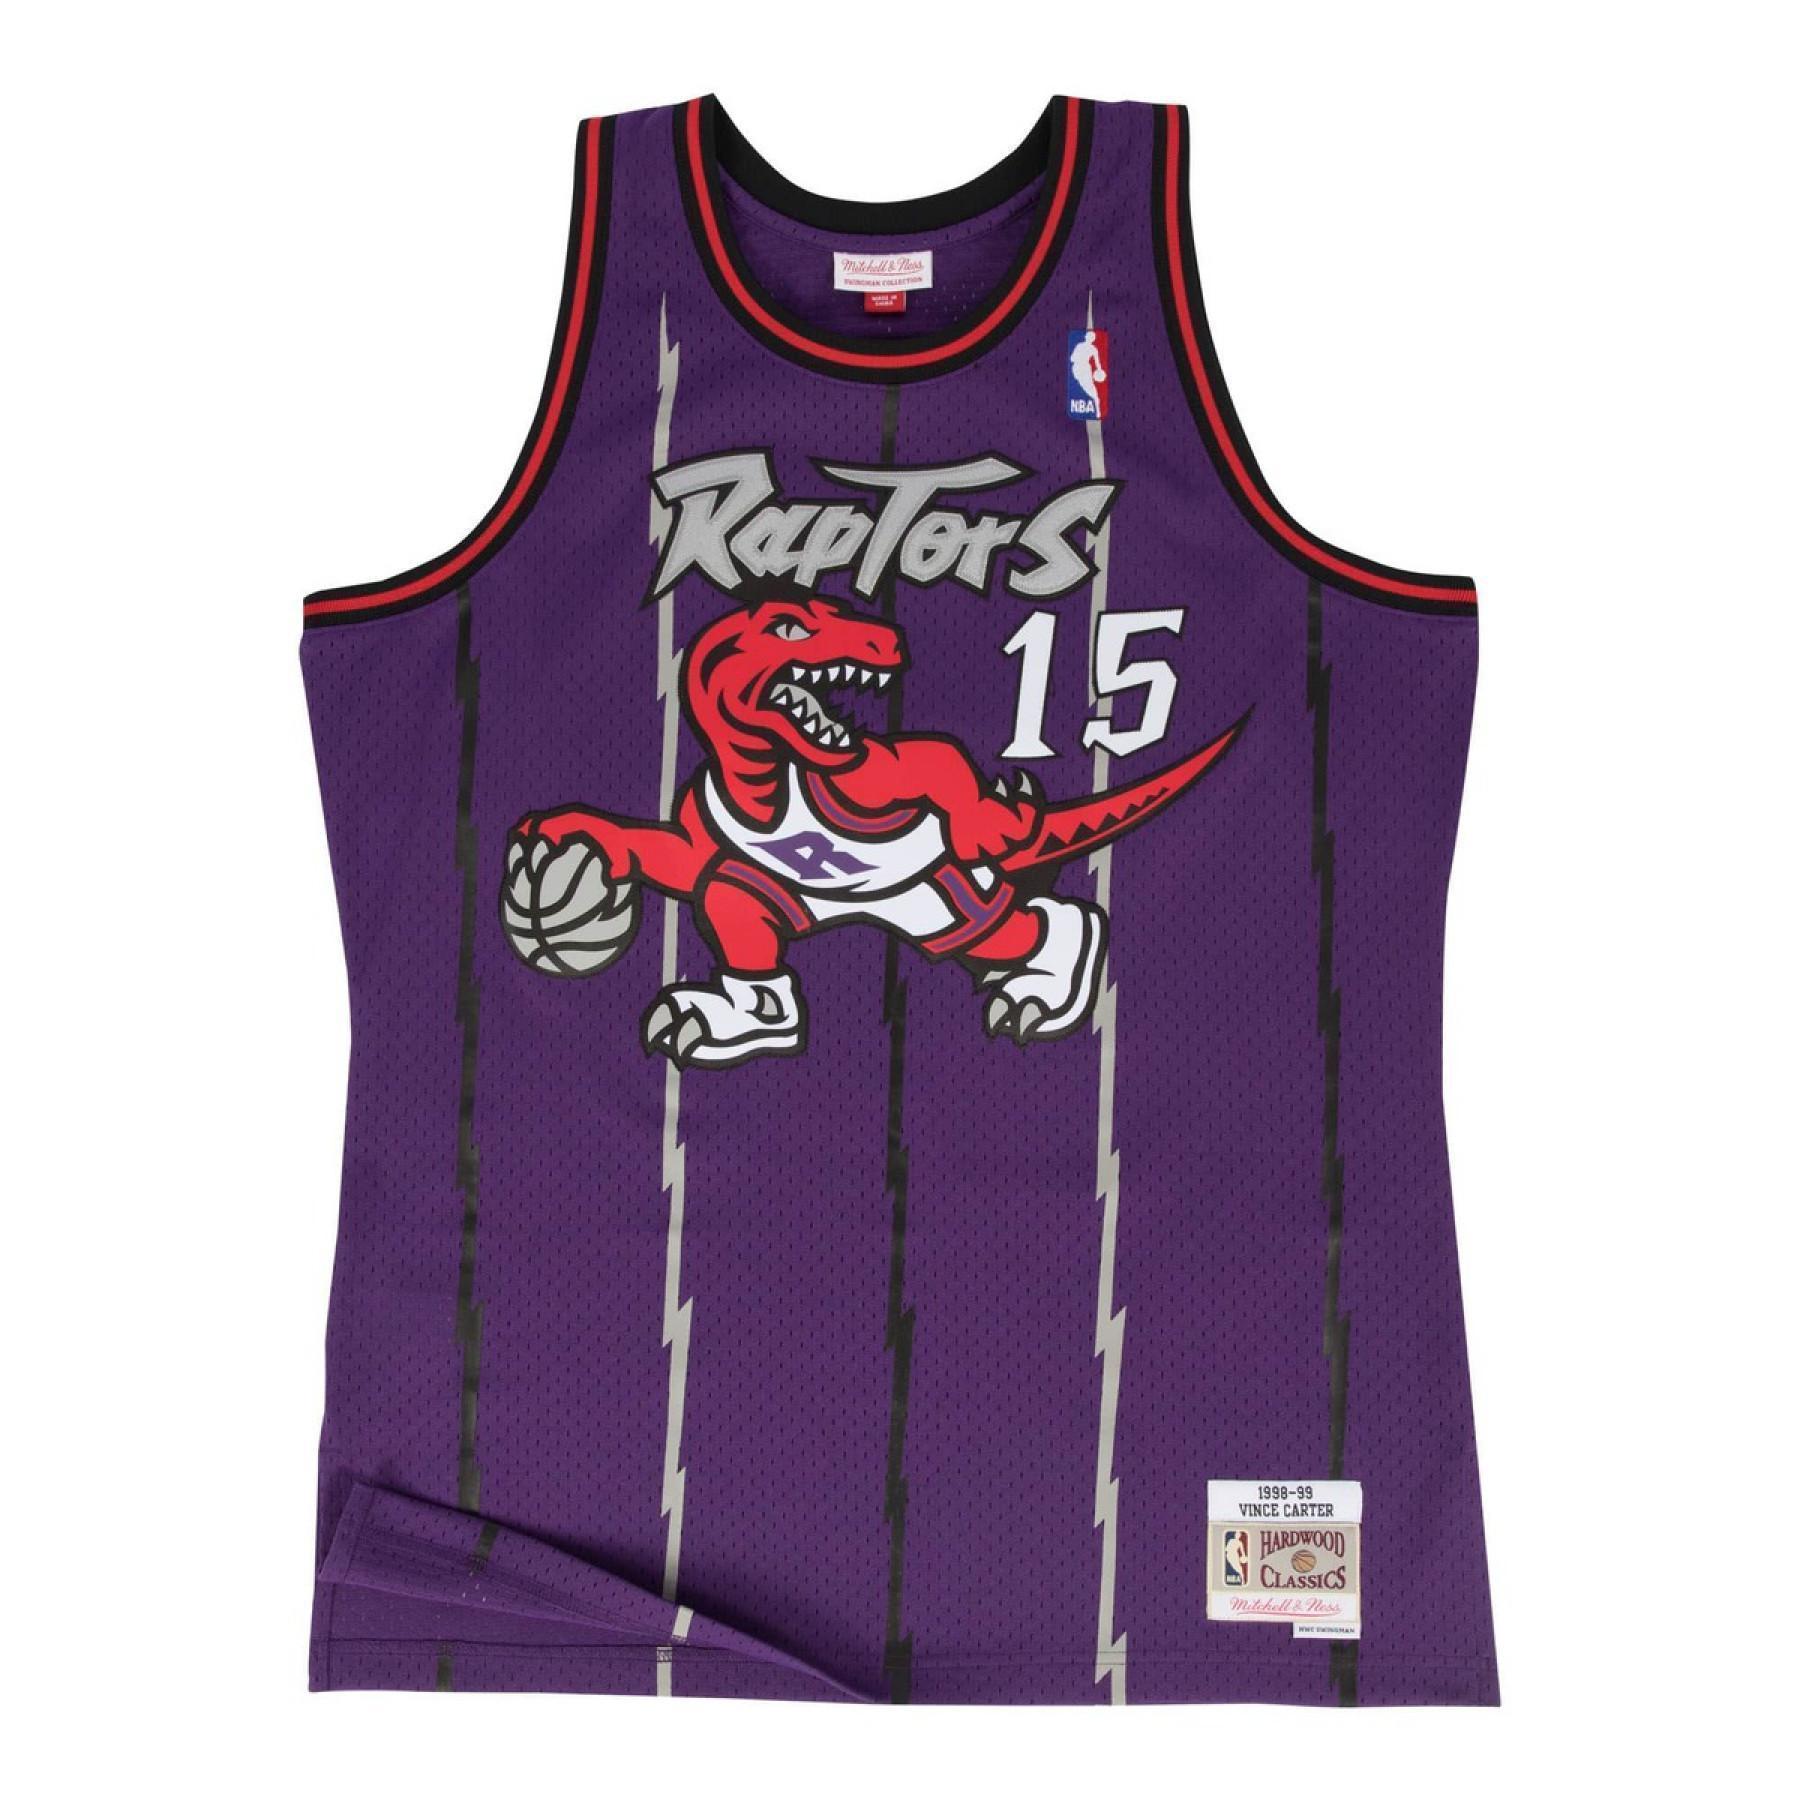 Camiseta de los Toronto Raptors de la NBA